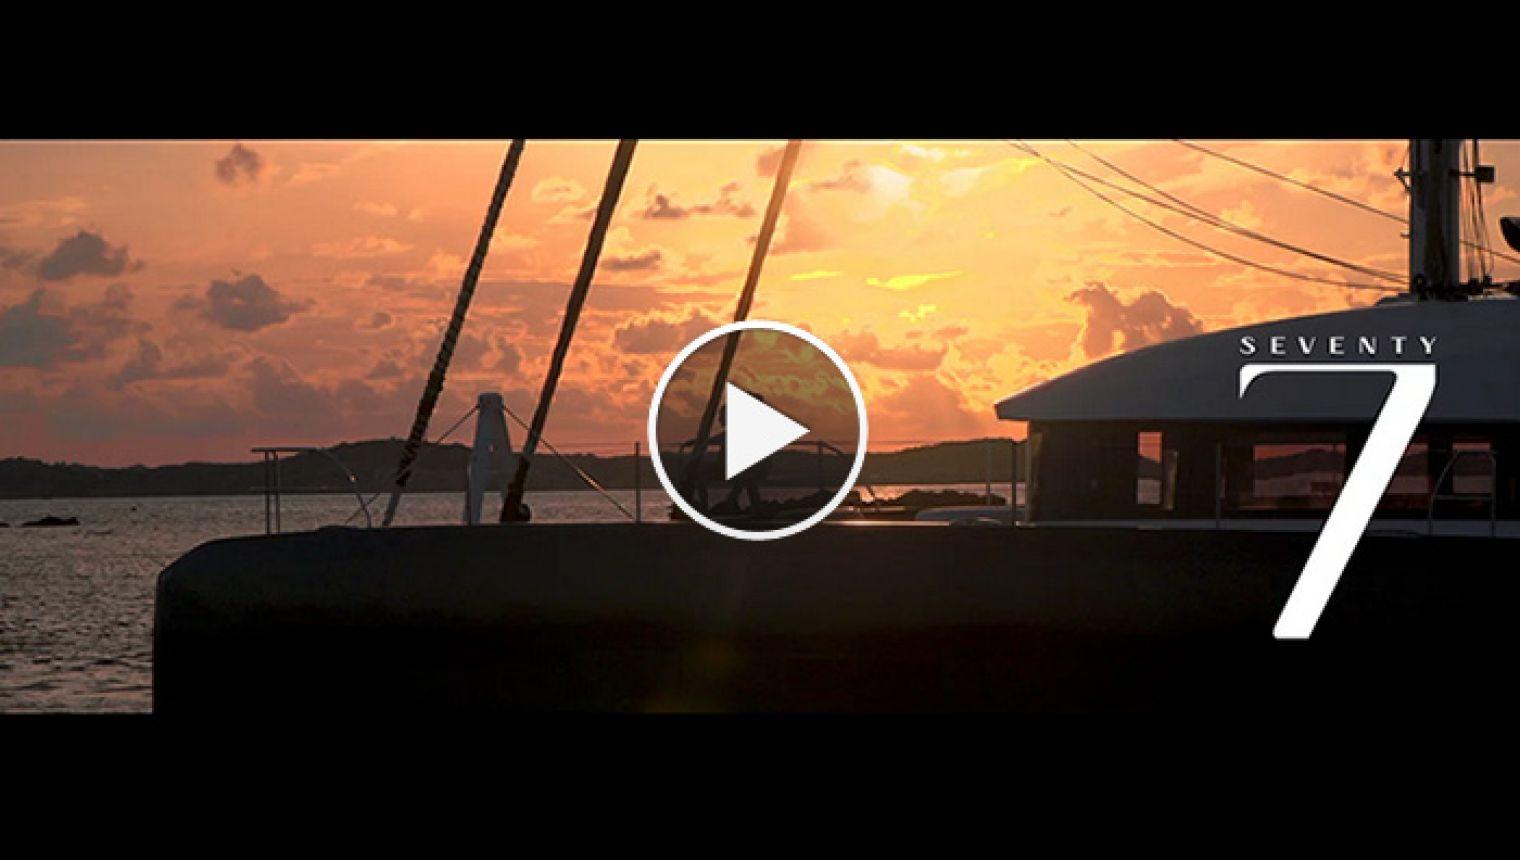 Il video del SEVENTY 7 finalmente online!